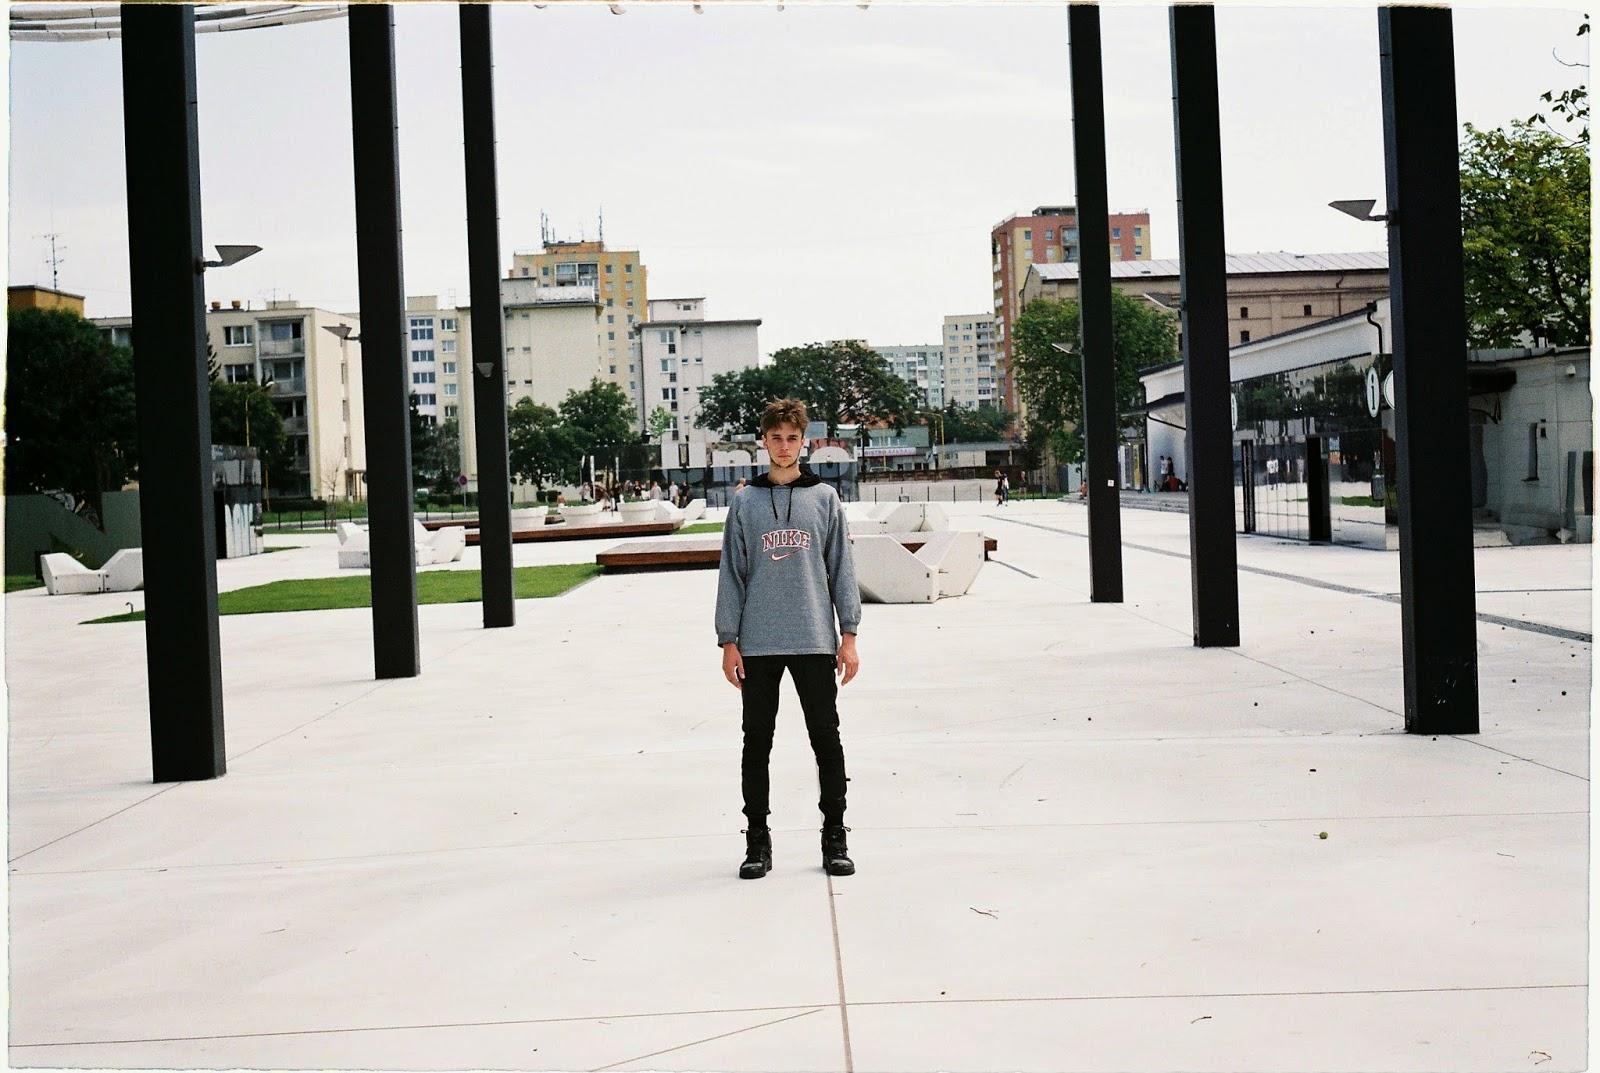 Pressburg 95: augusta 2014